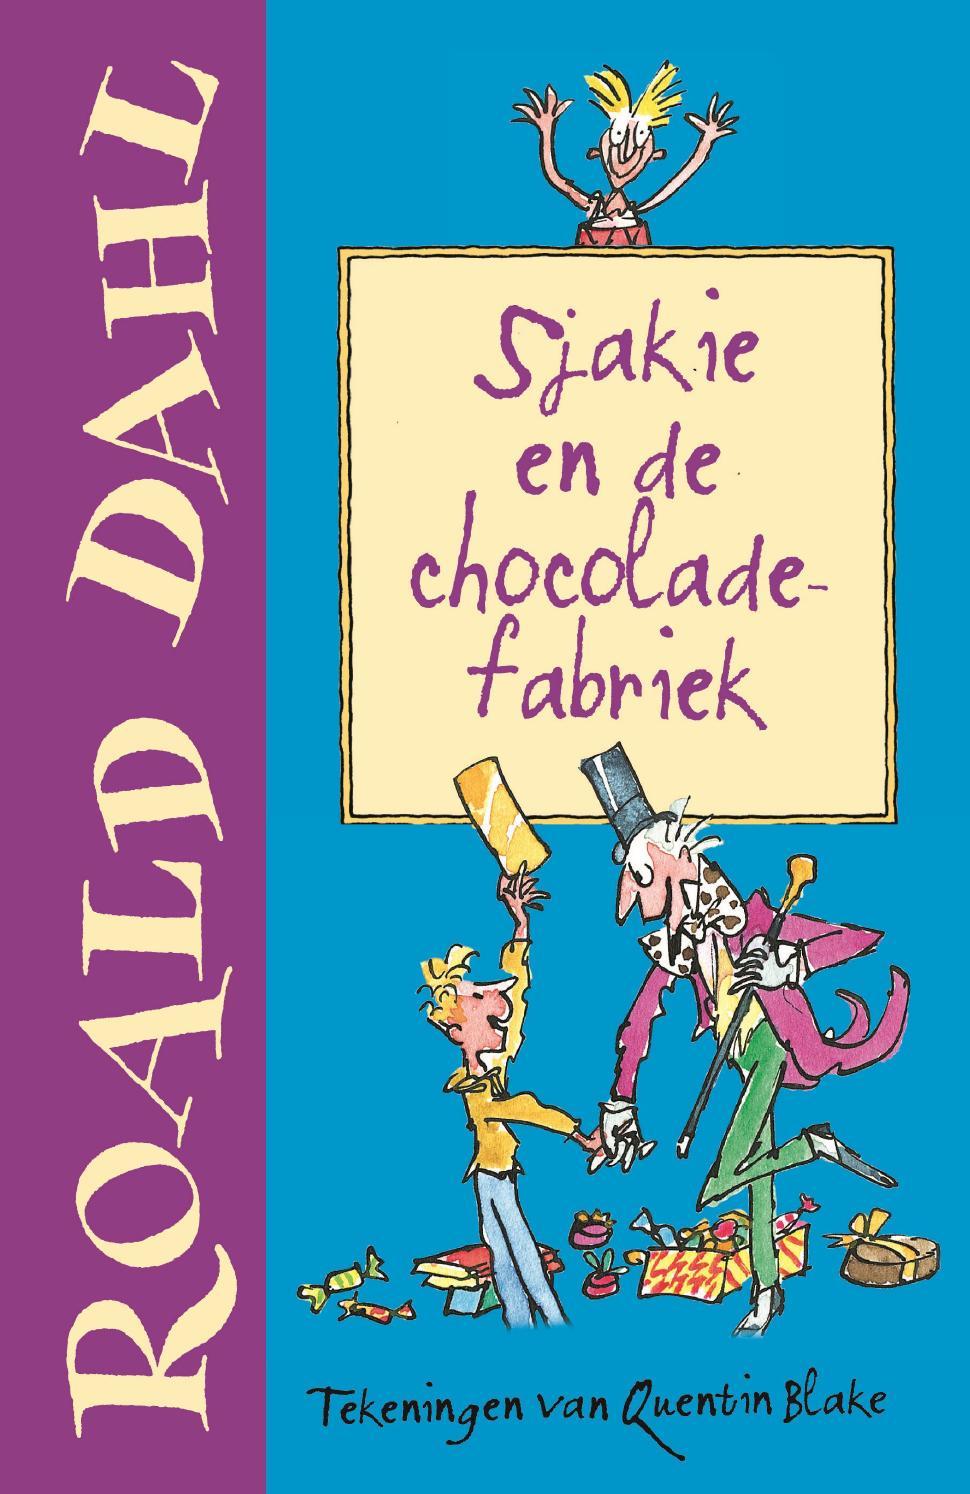 leesfragment sjakie en de chocoladefabriek roald dahl